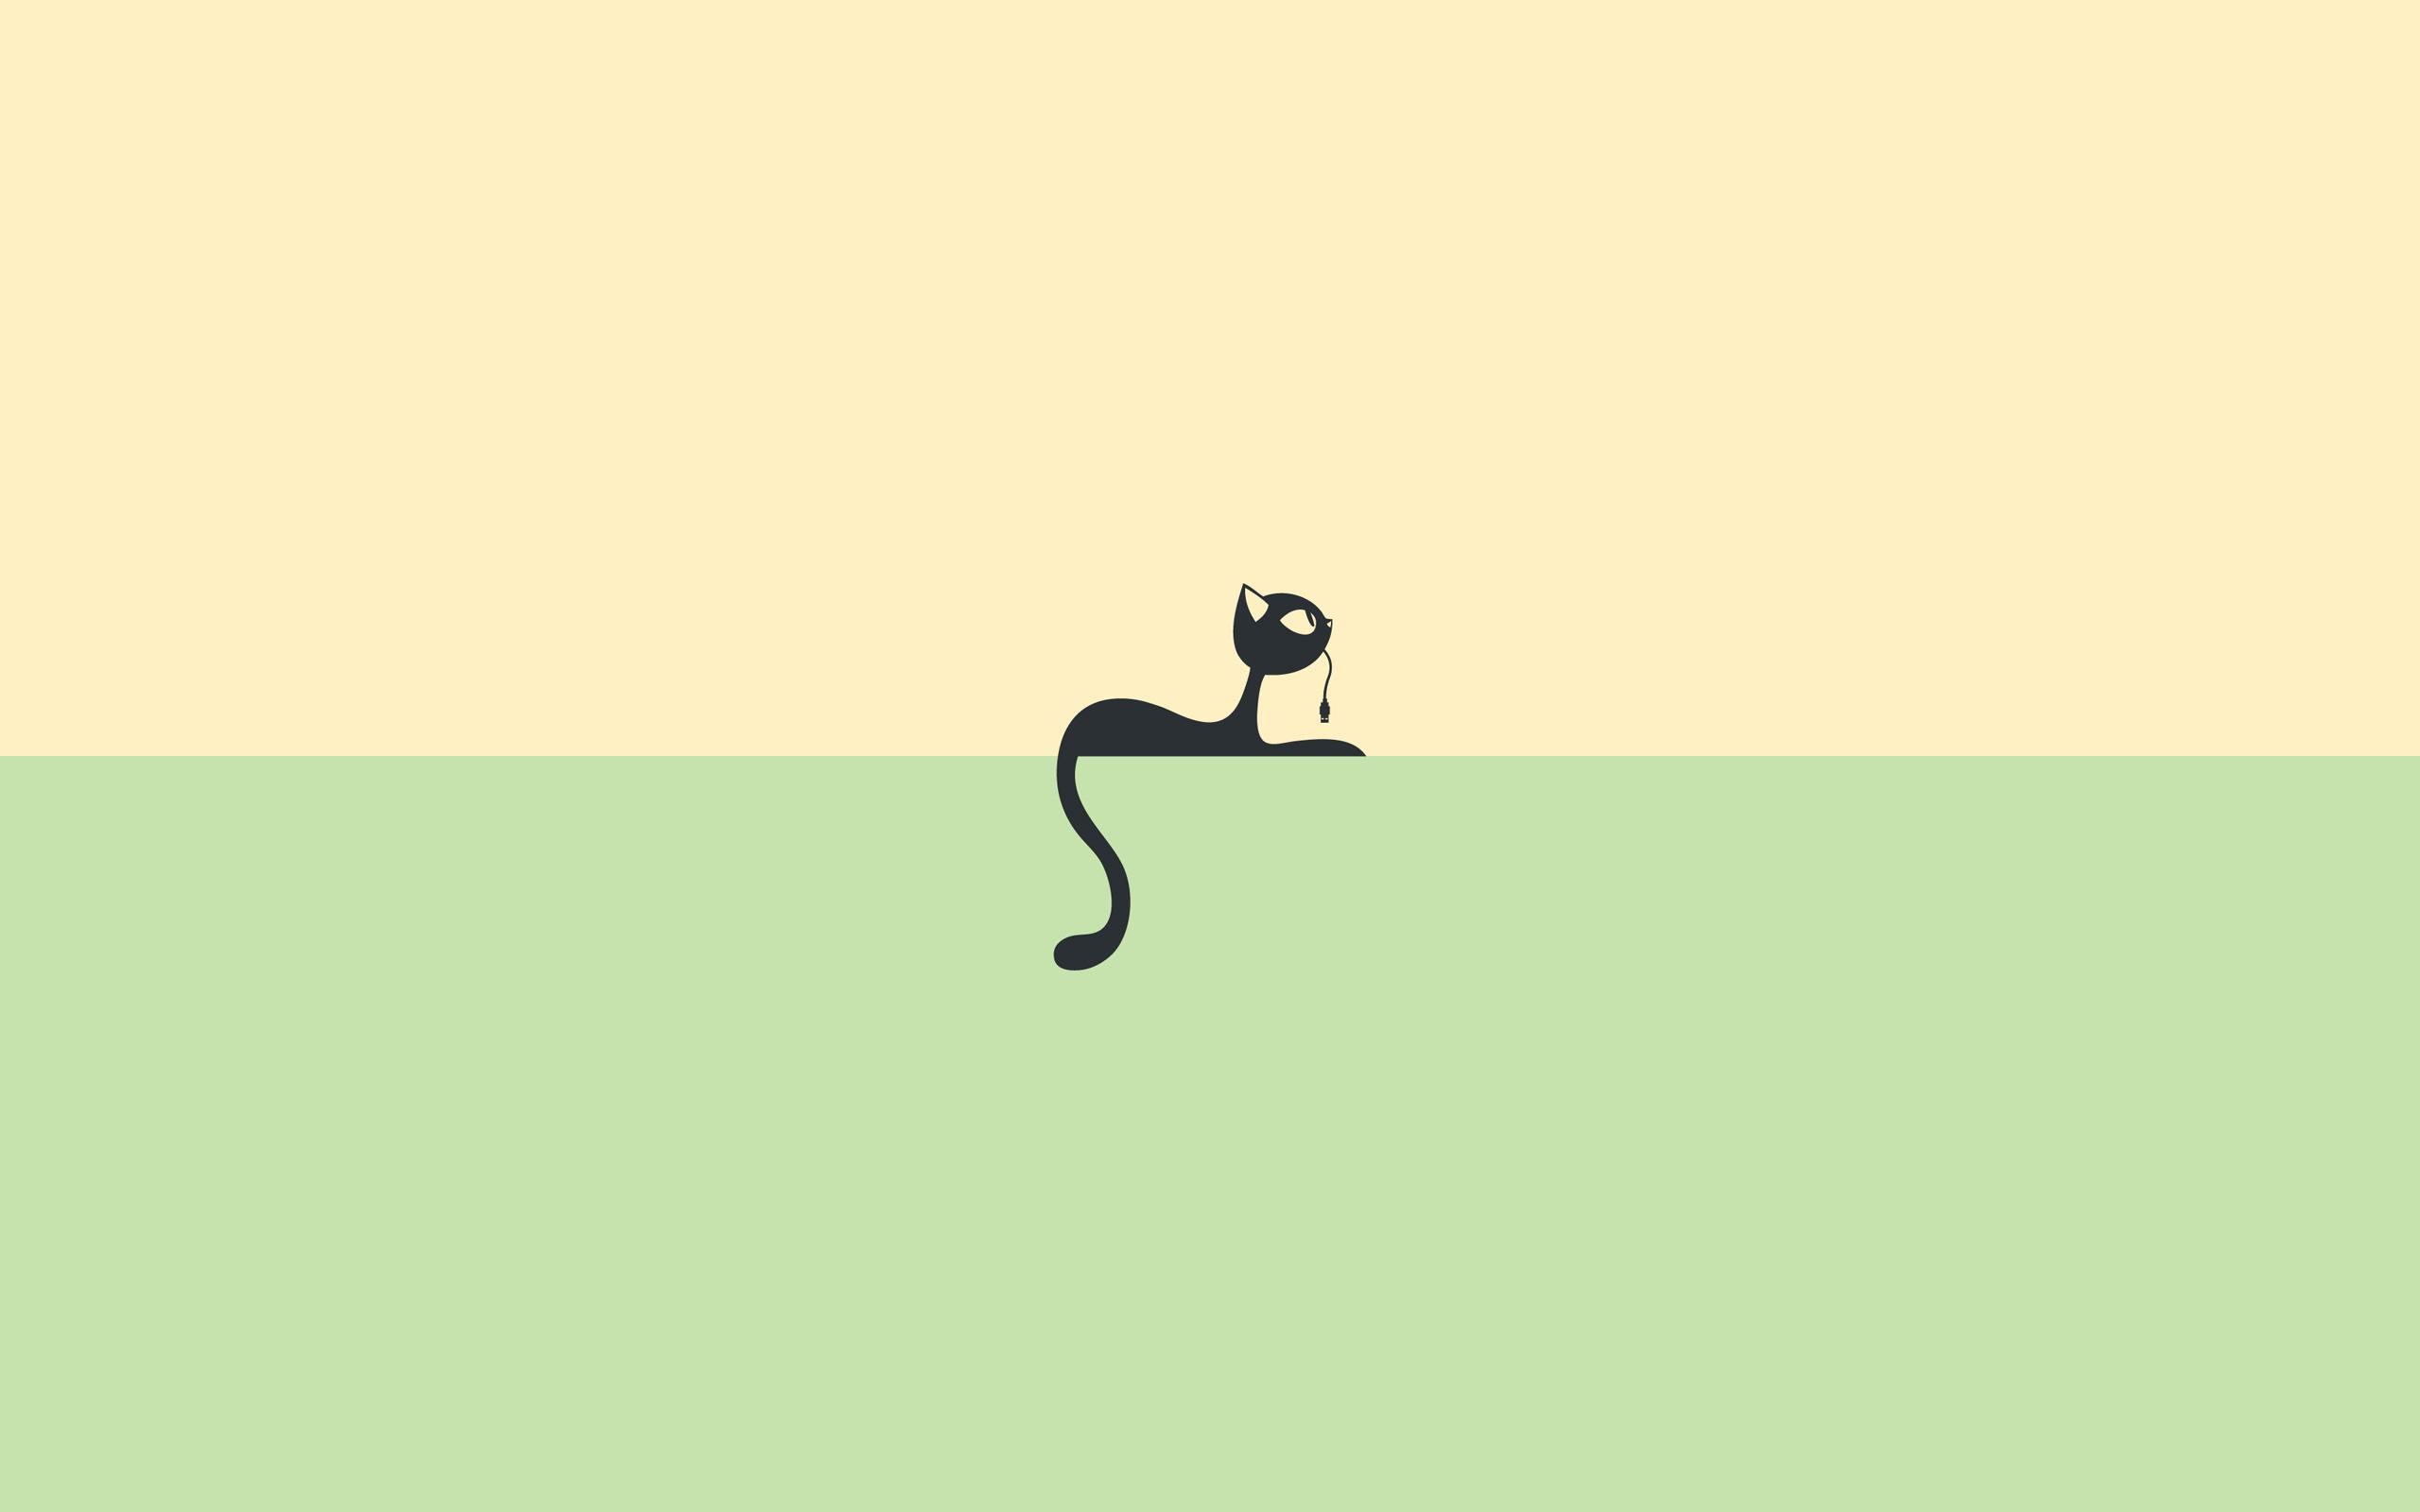 Cartoon Cat-Wallpaper-PKB923